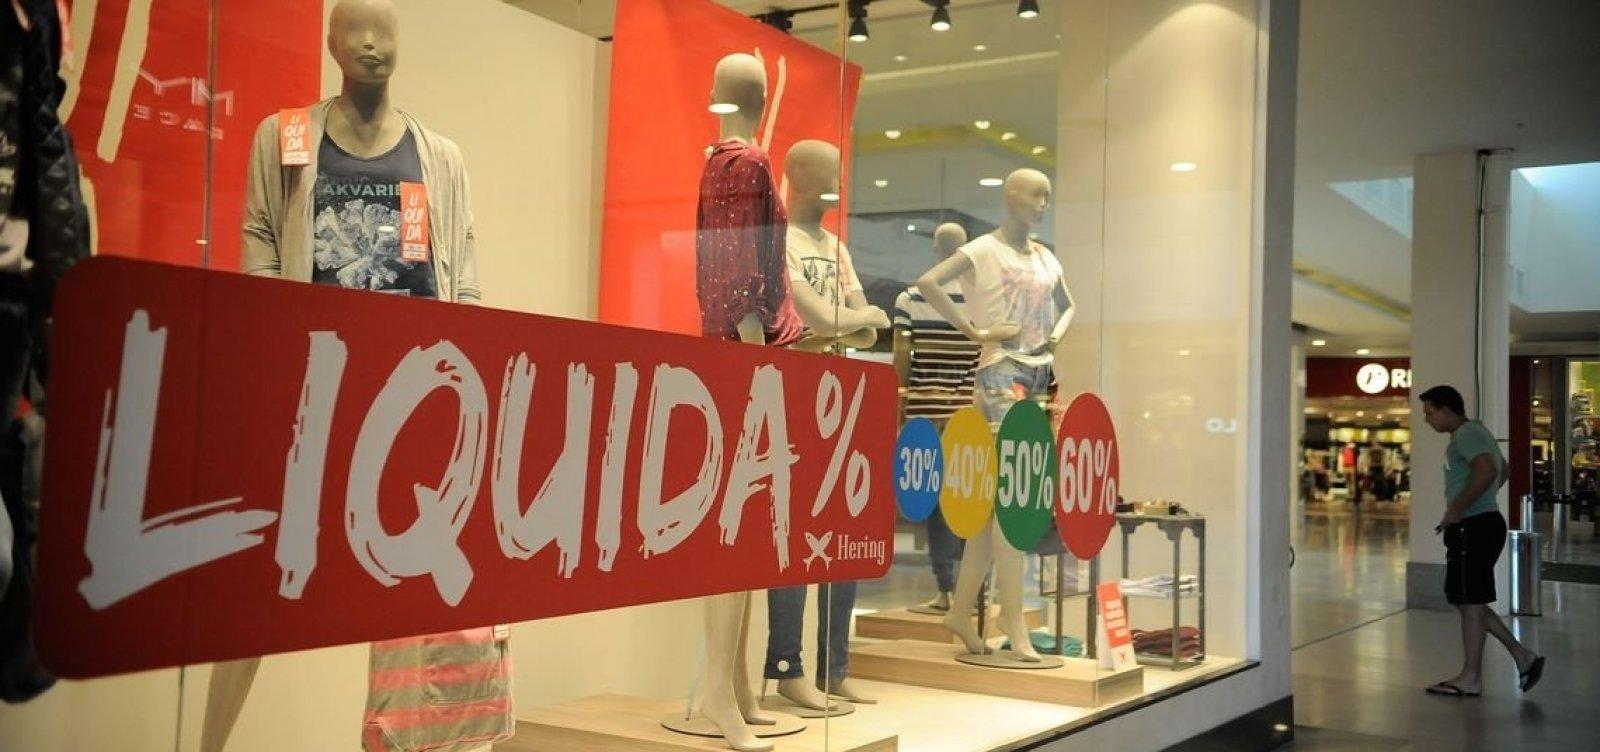 Patrões e empregados divergem sobre feriado dos Comerciários em Salvador